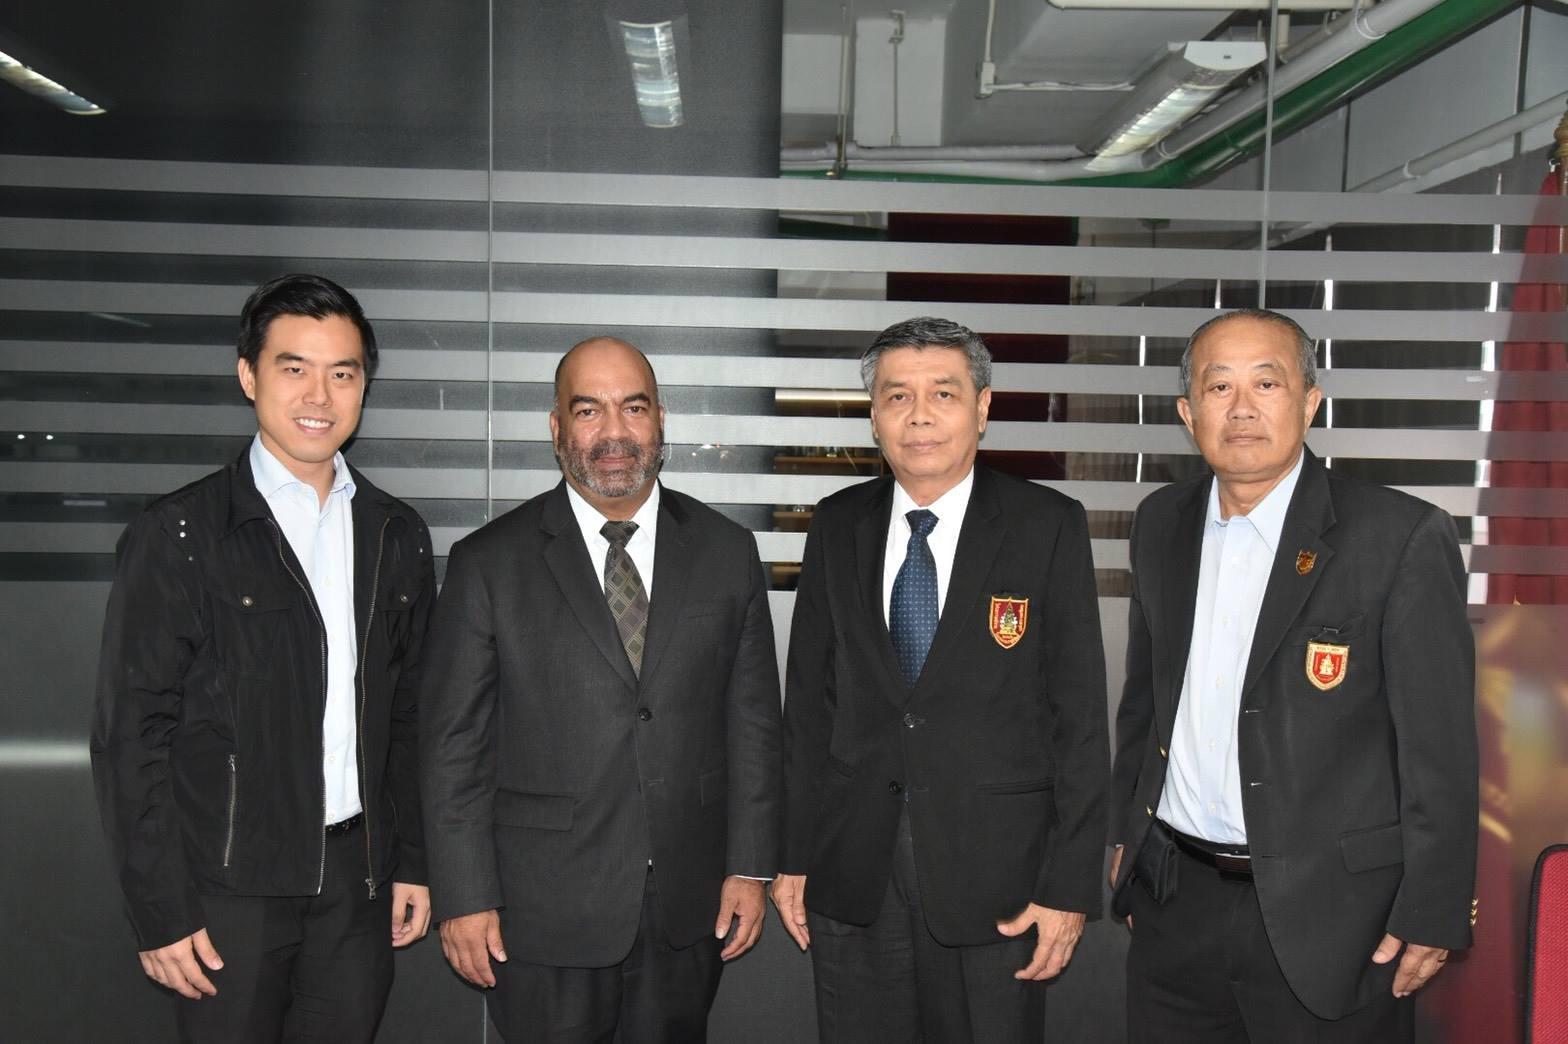 ดร.ธเนศ วีระศิริ นายกวิศวกรรมสถานแห่งประเทศไทยฯ พร้อมด้วย ดร.เชียรช่วง กัลยาณมิตร ที่ปรึกษาคณะกรรมการคอมพิวเตอร์เรื่องความร่วมมือในด้านวิชาการและวิชาชีพวิศวกรรม